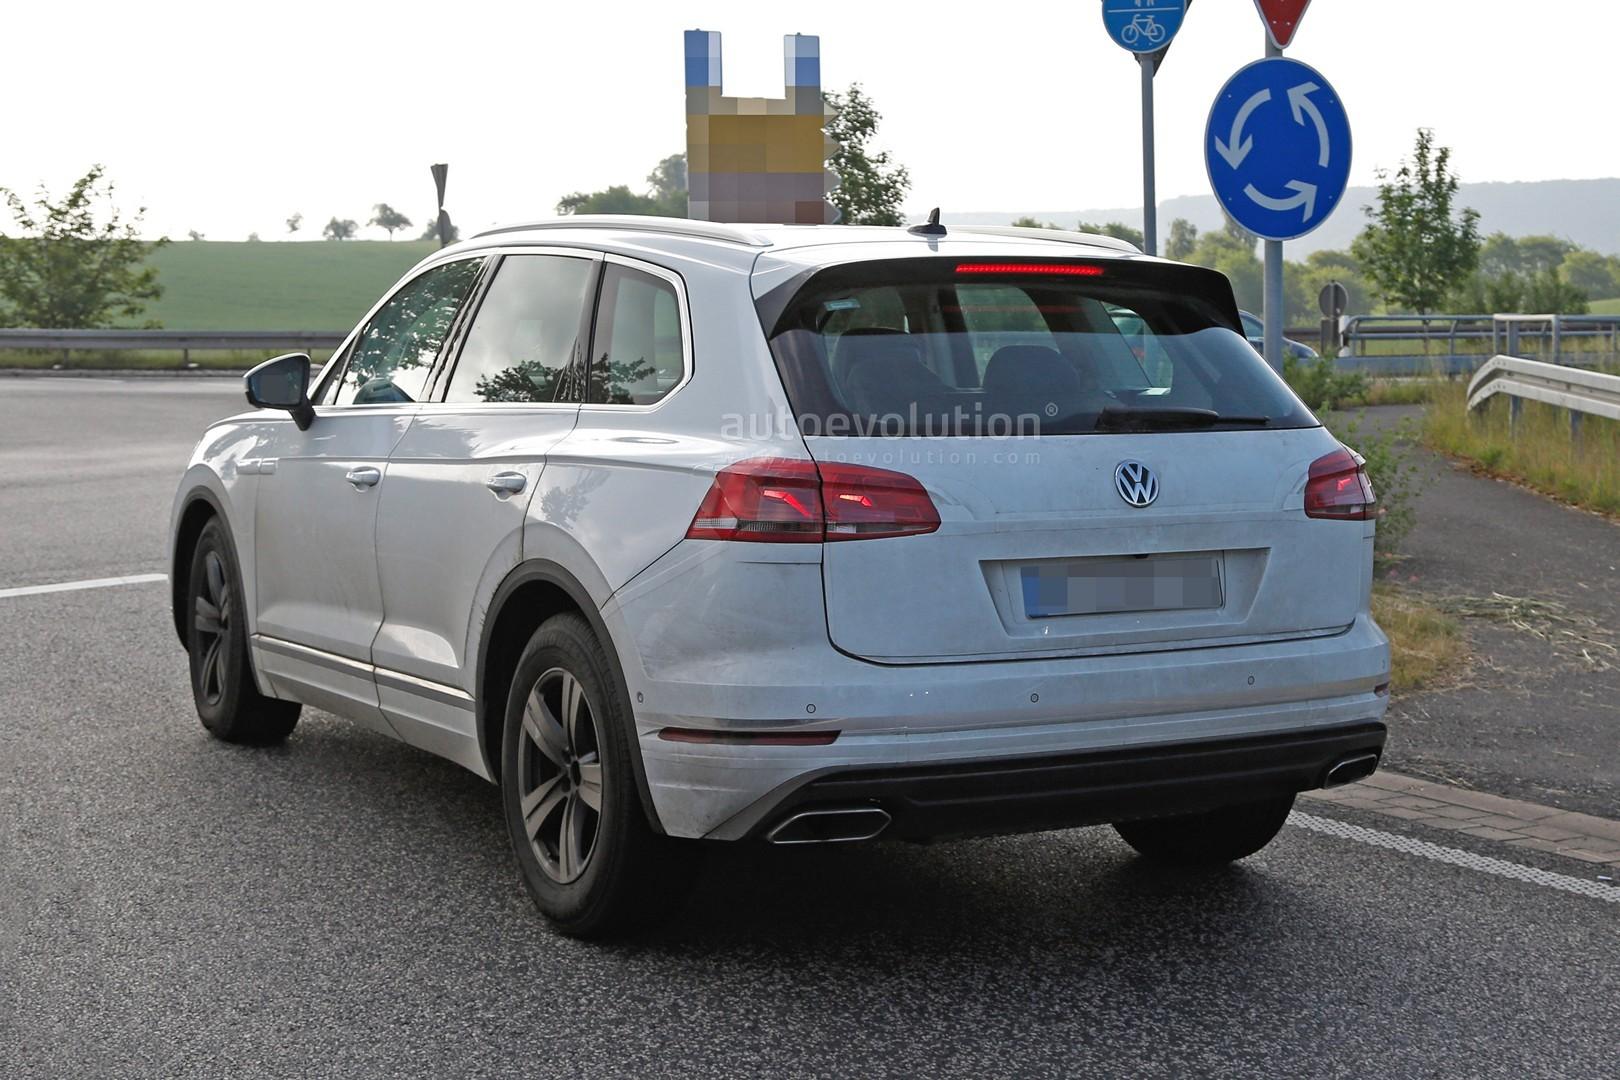 2018 Volkswagen Touareg Spied Almost Undisguised